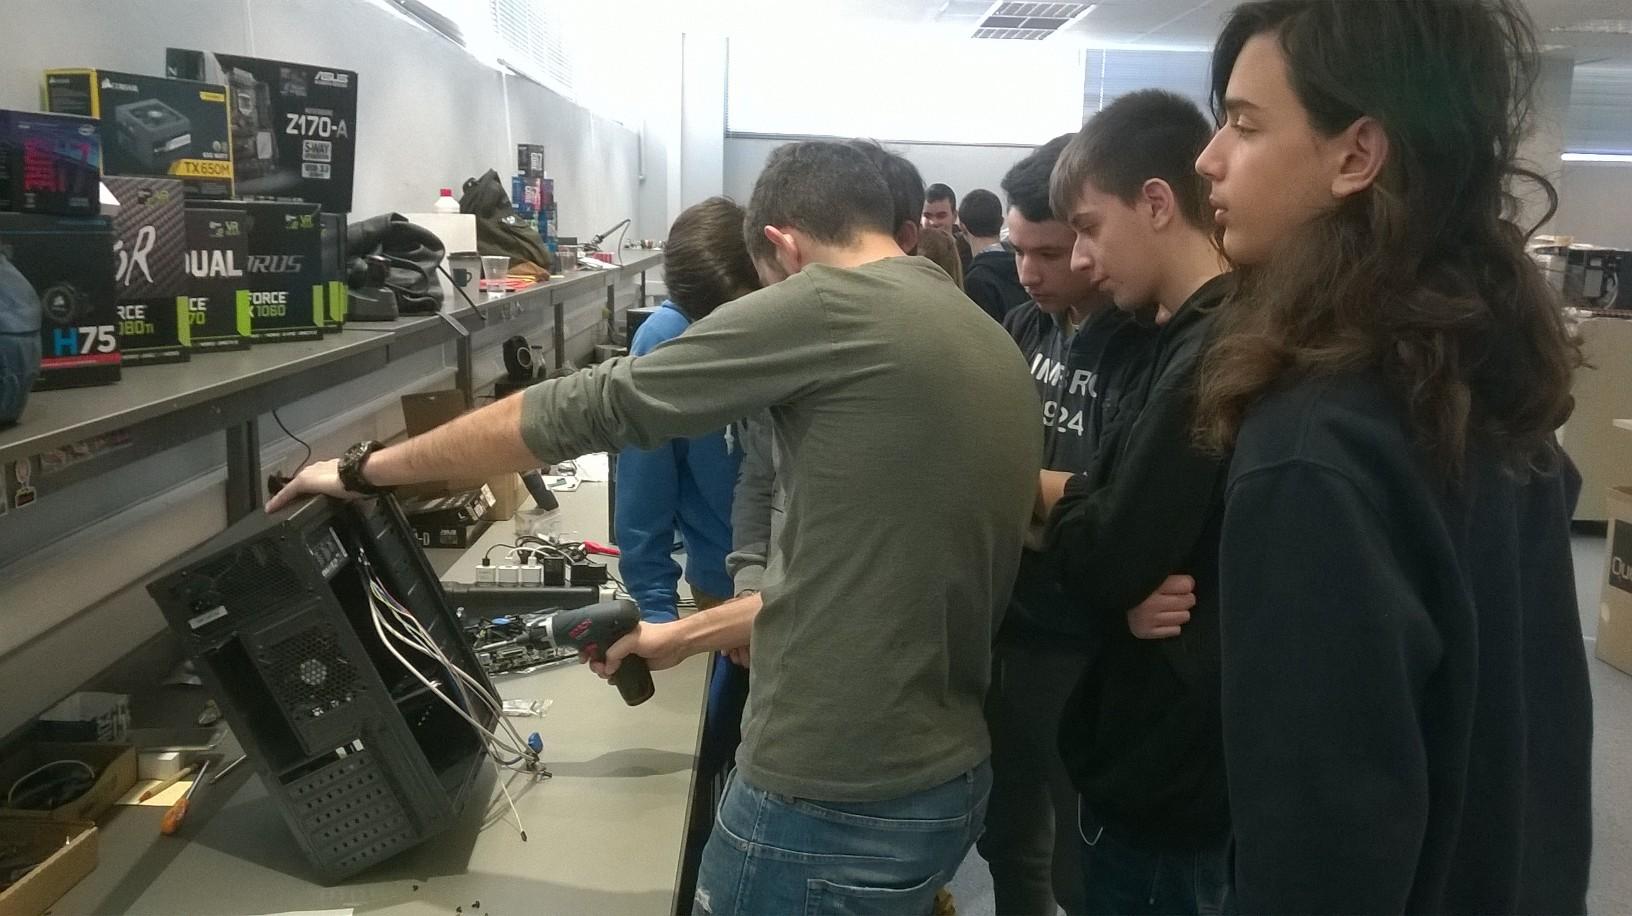 """Συμμετοχή των σχολείων του Δήμου Παπάγου - Χολαργού στο Εκπαιδευτικό πρόγραμμα """"Συναρμολογώντας τον υπολογιστή Quest"""""""